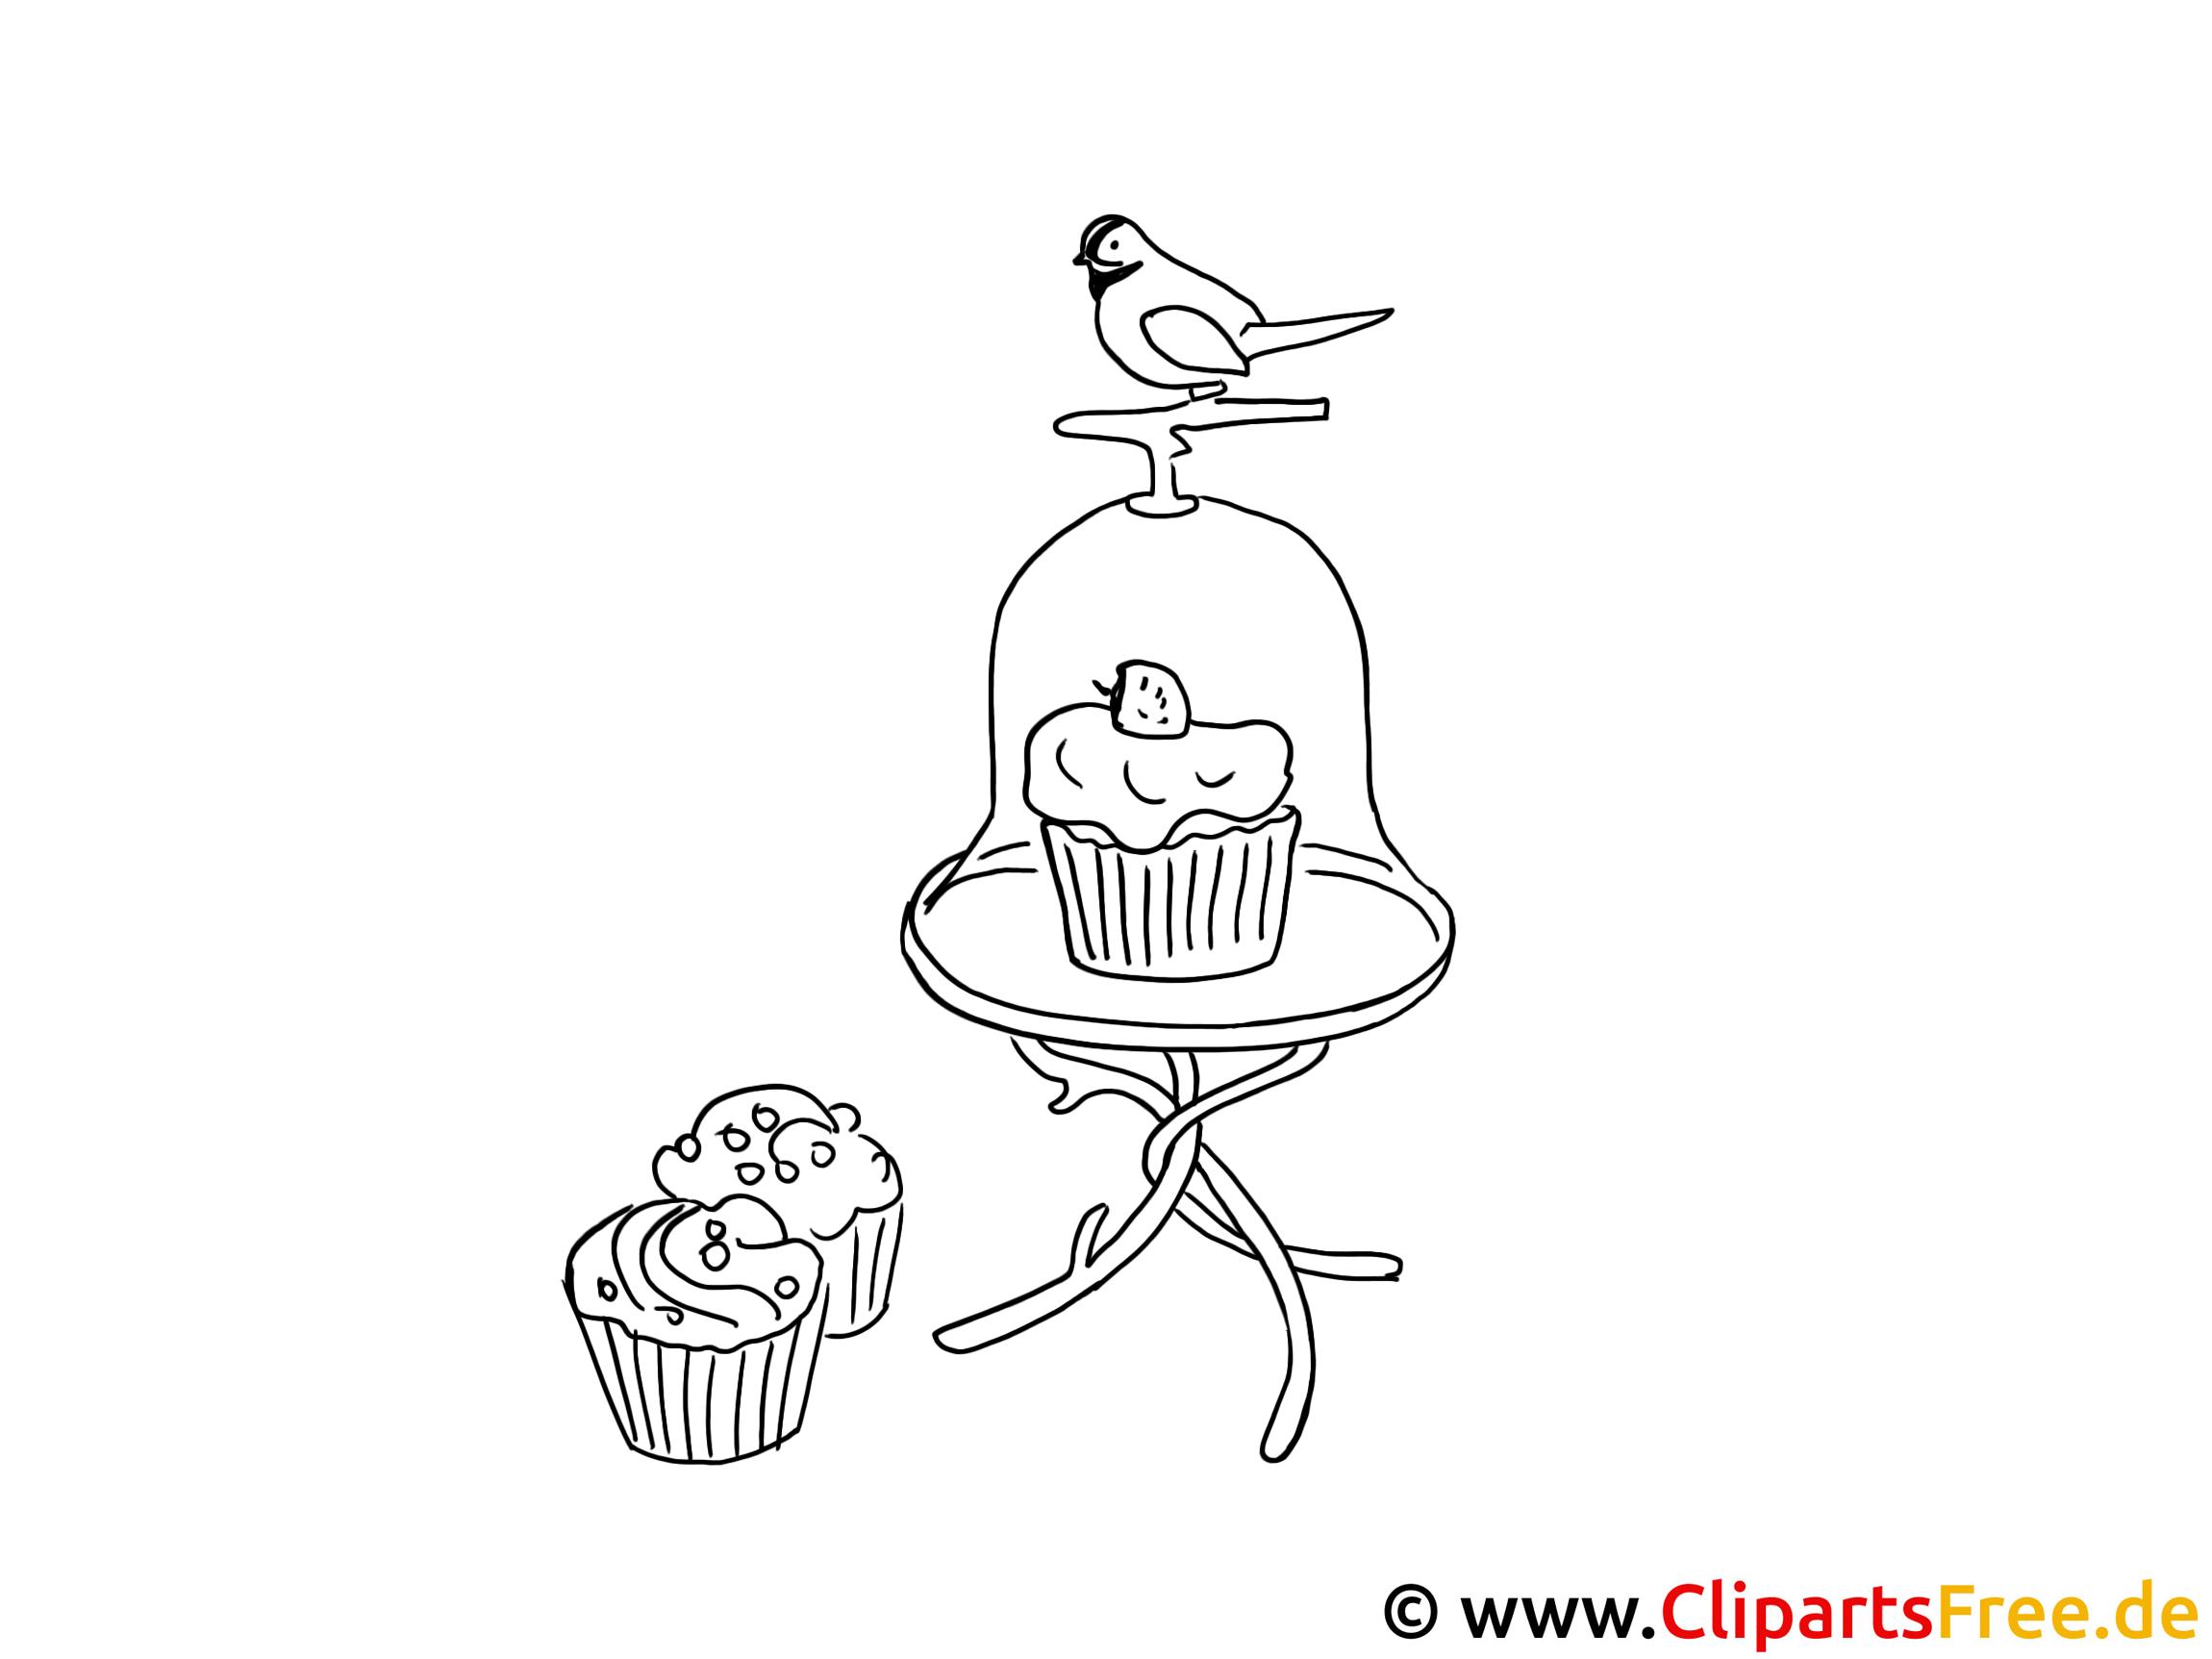 vogel und kuchen bild  bilder zum ausmalen und drucken